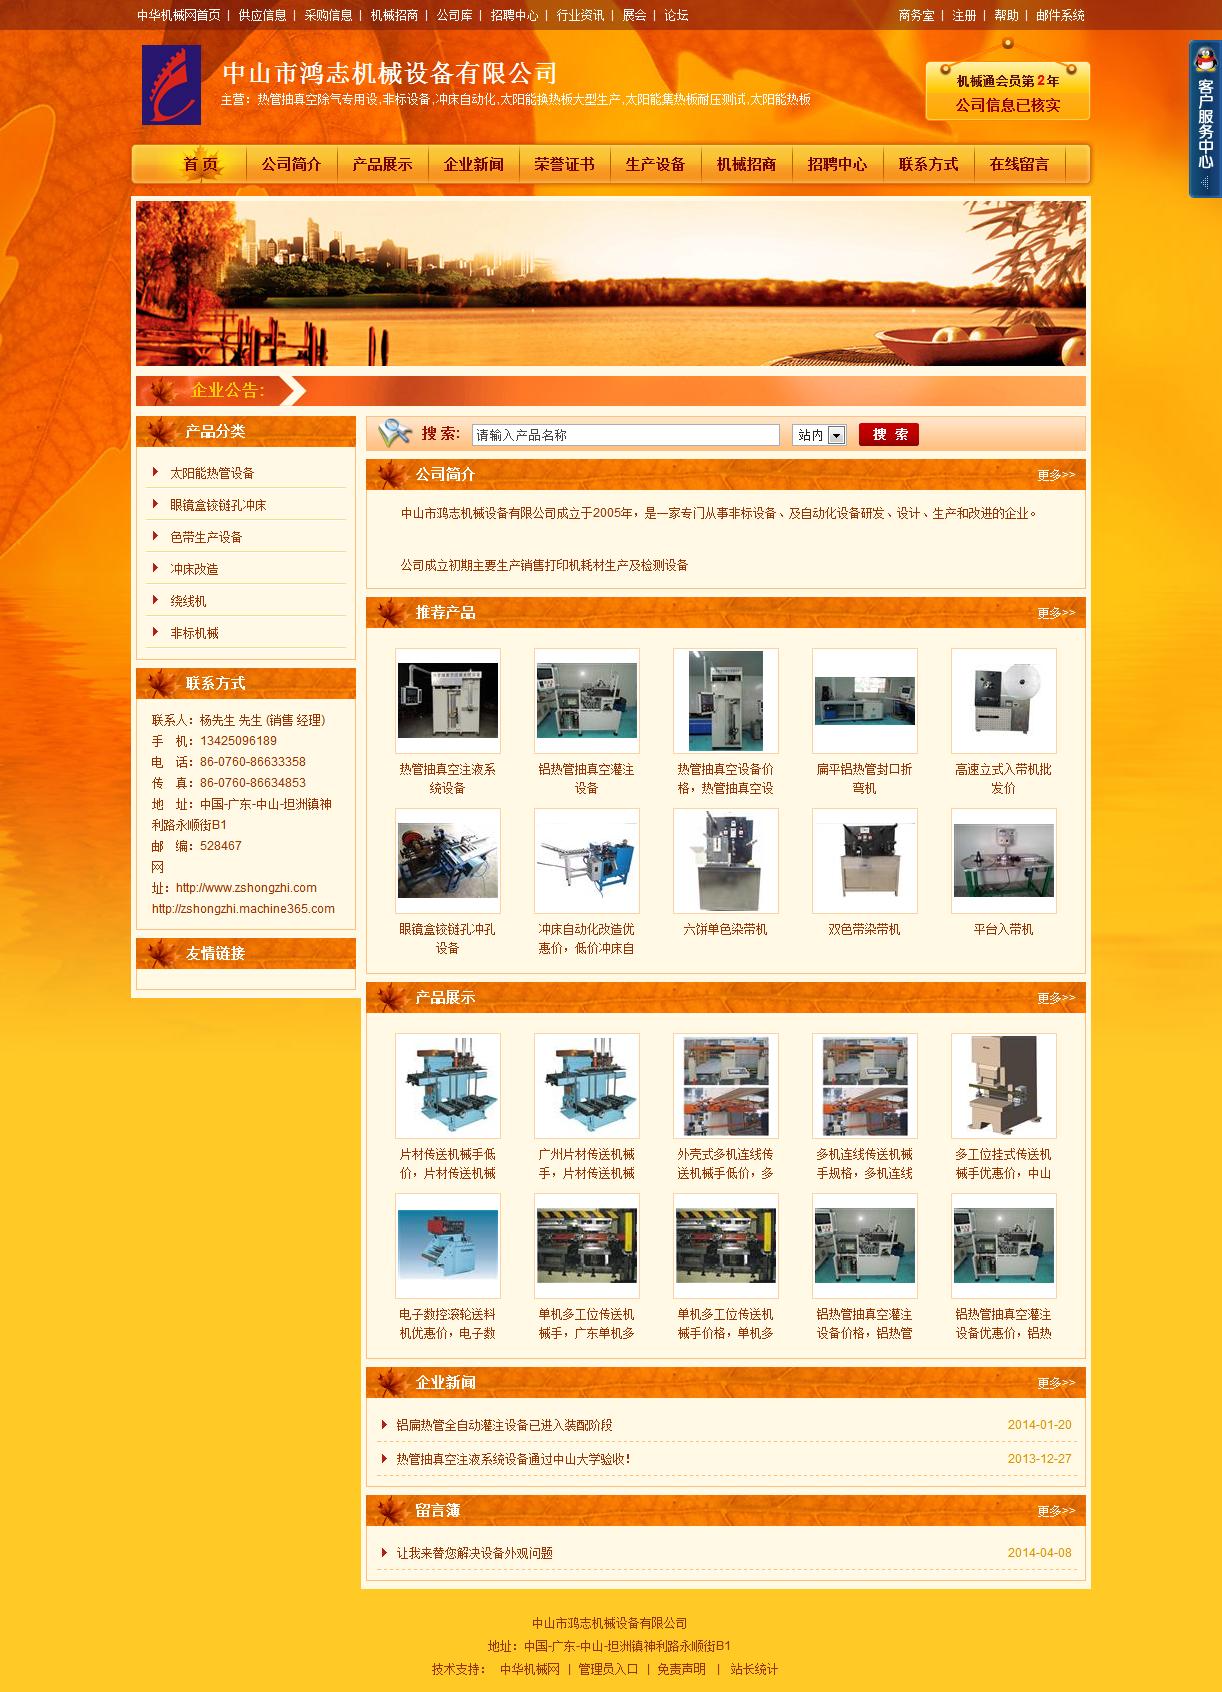 中山市鸿志机械设备有限公司